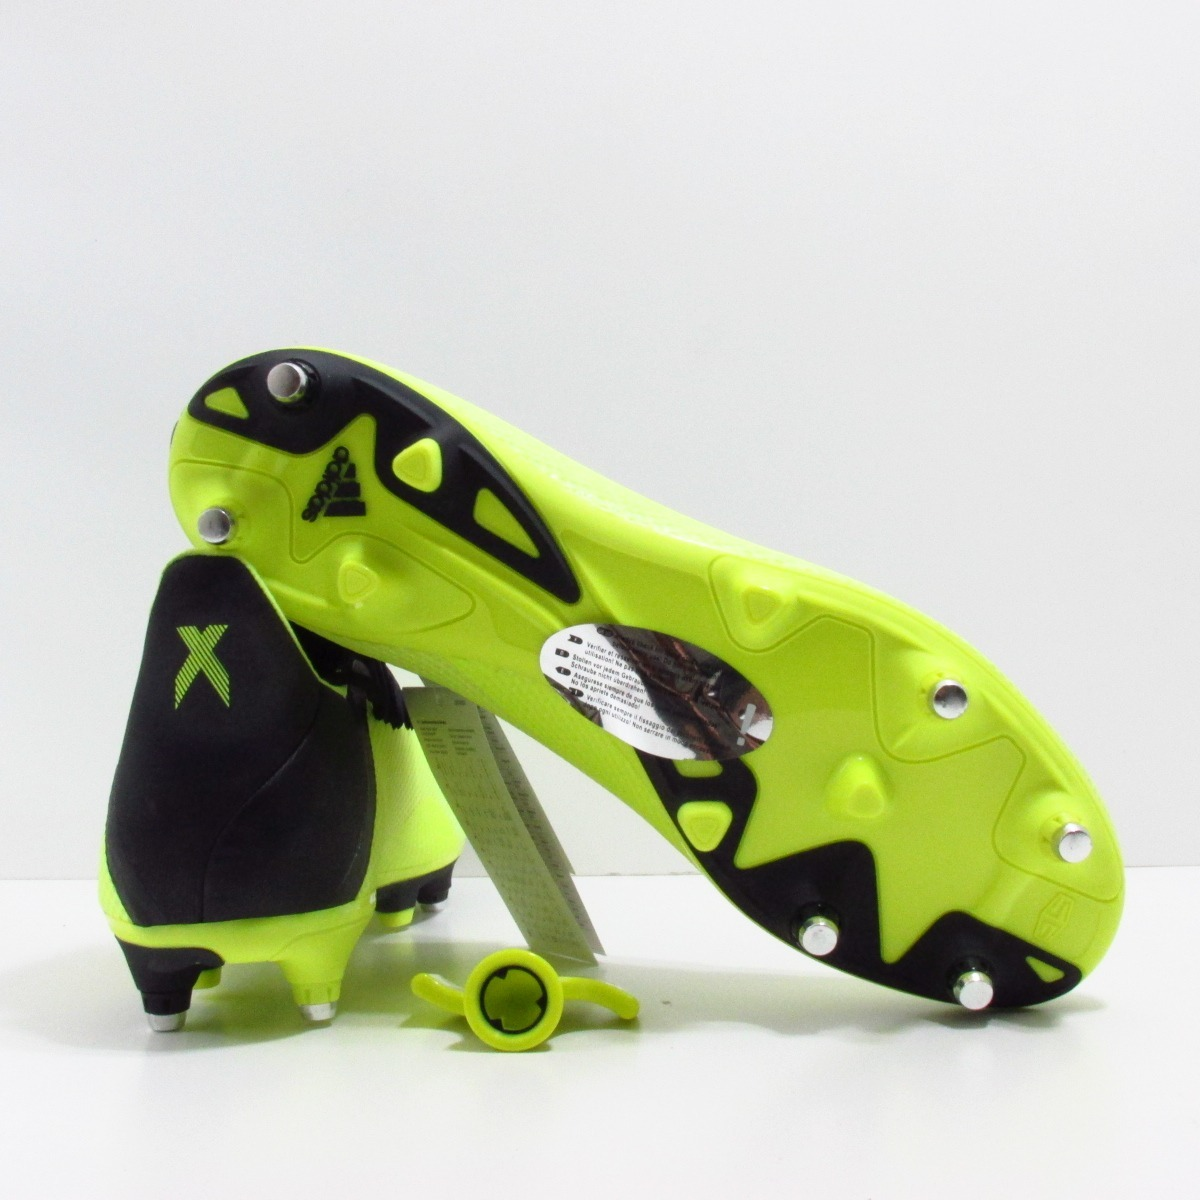 Chuteira Campo adidas X 18.3 Sg Produto Europeu - R  449 dbcca9e4ce81b